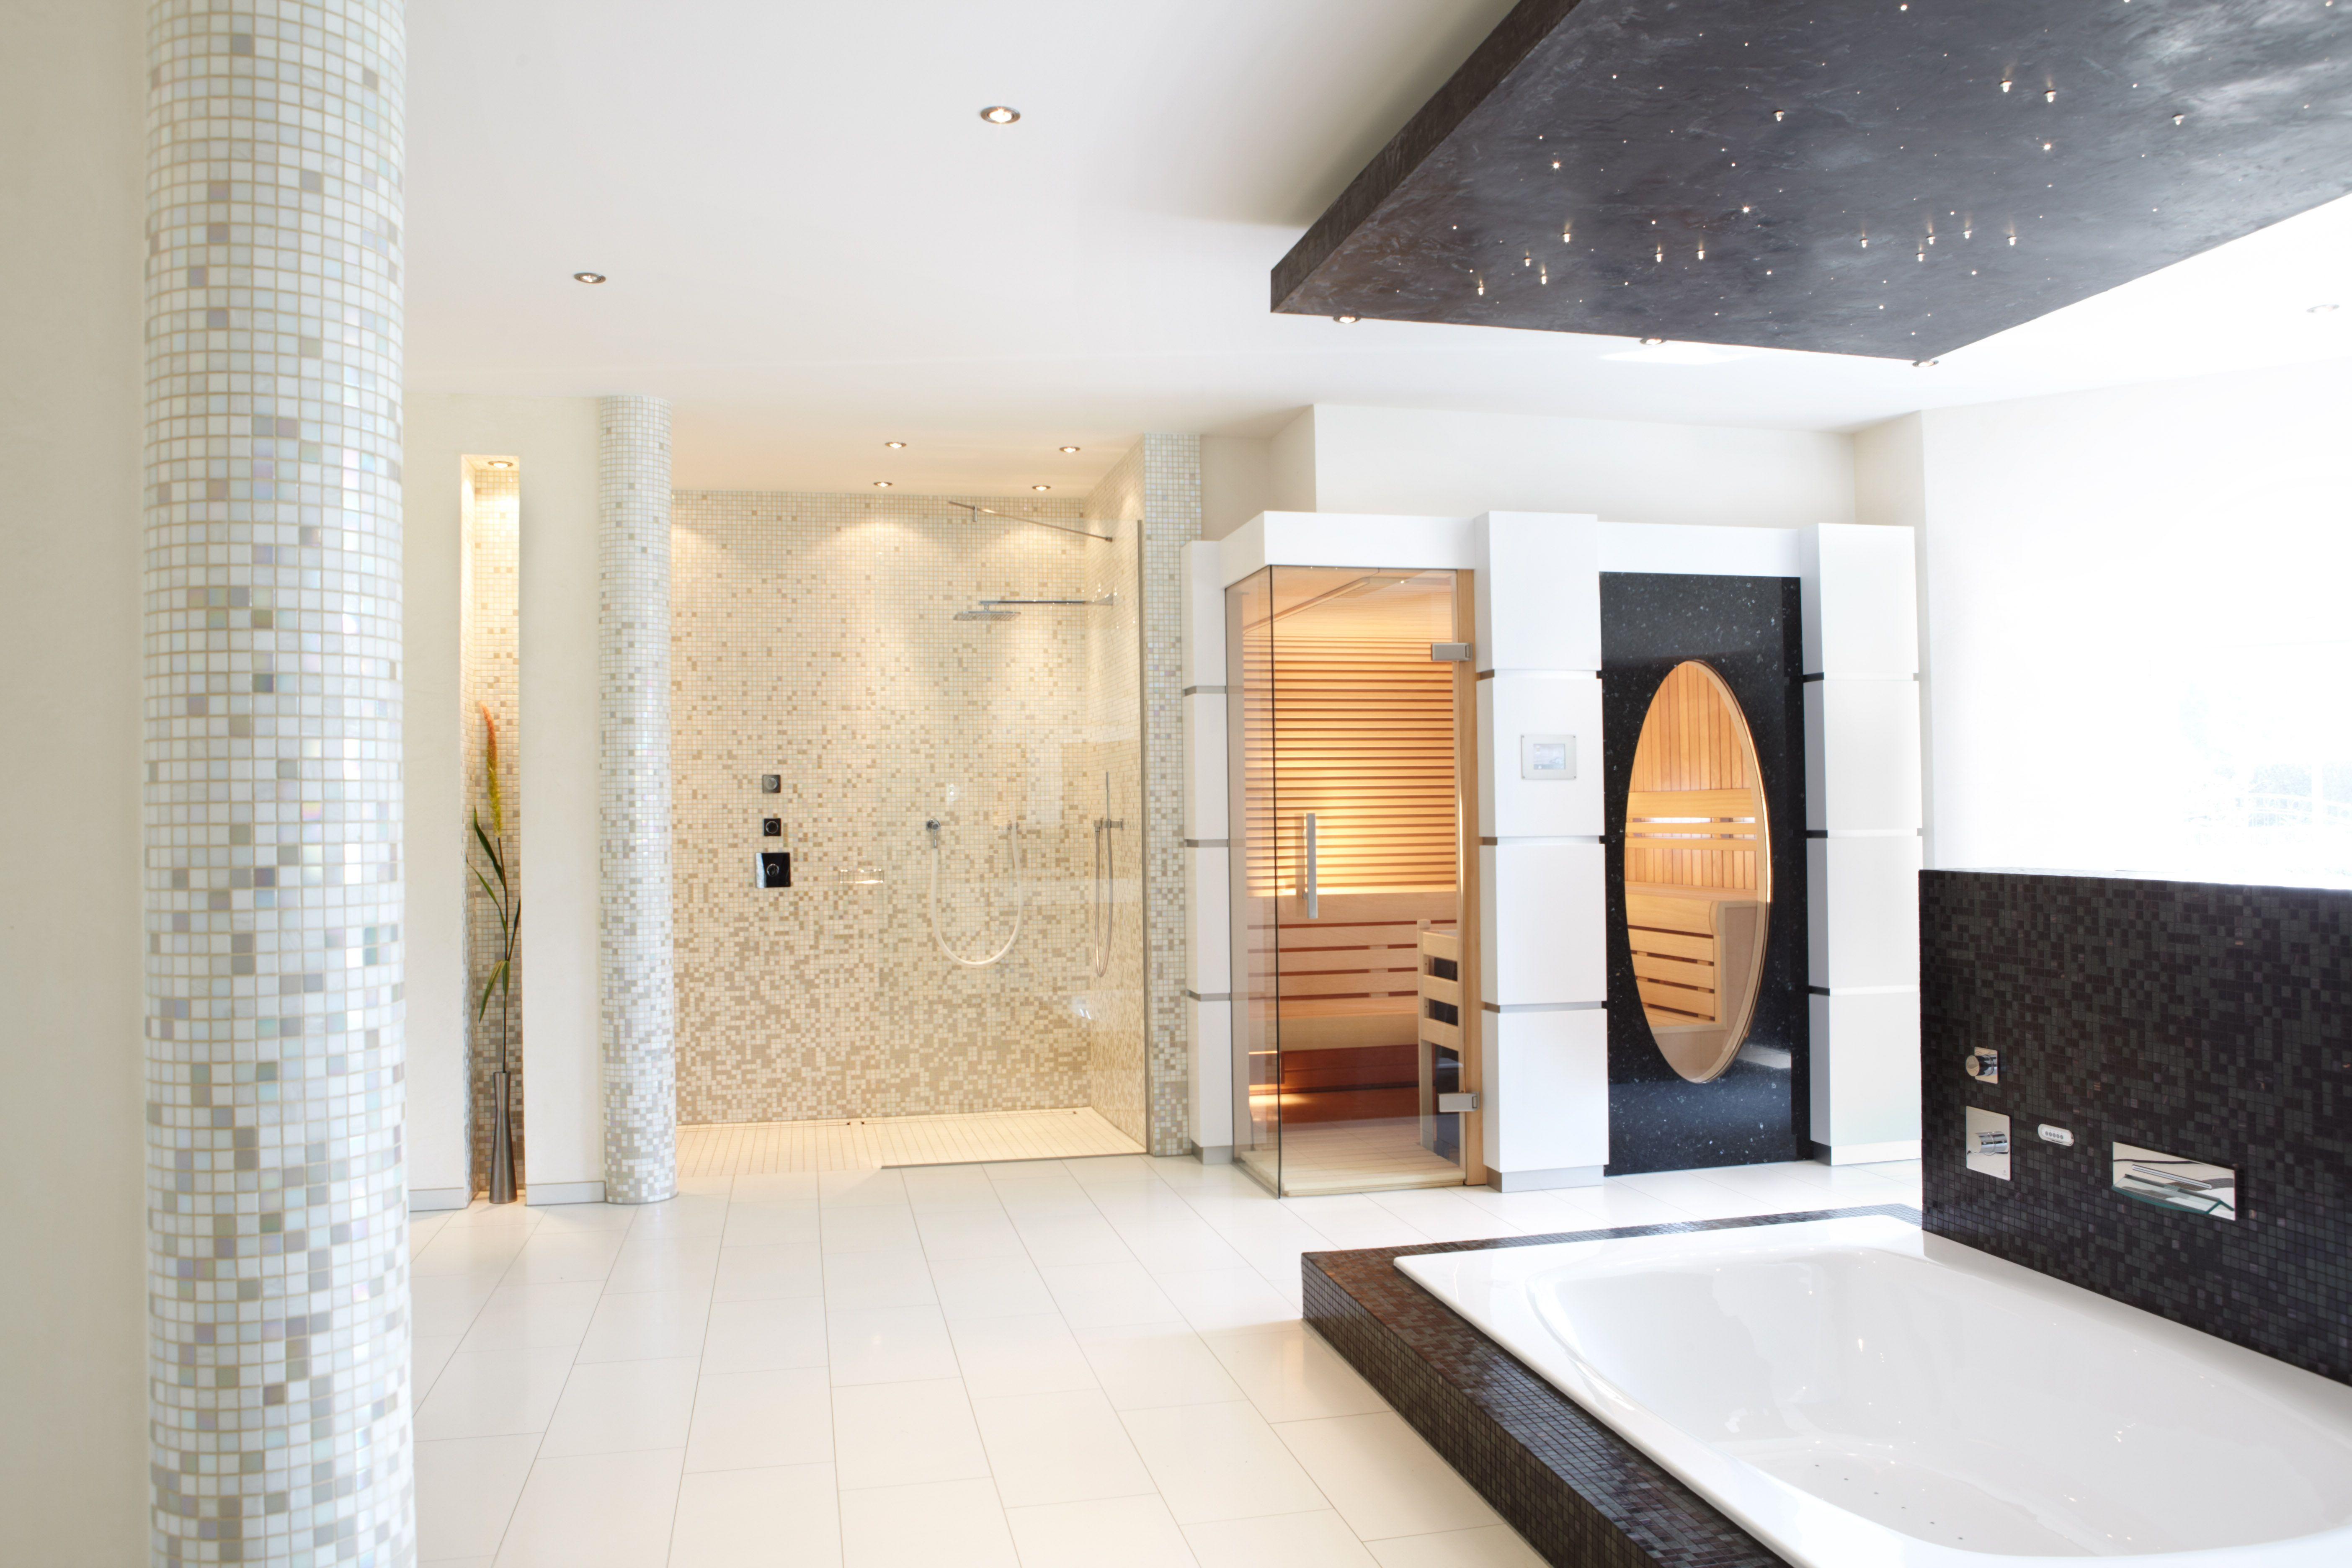 Gallery Of Groe Offene Dusche Und Moderne Sauna Wellness Glas Sauna Modern  With Moderne Duschen